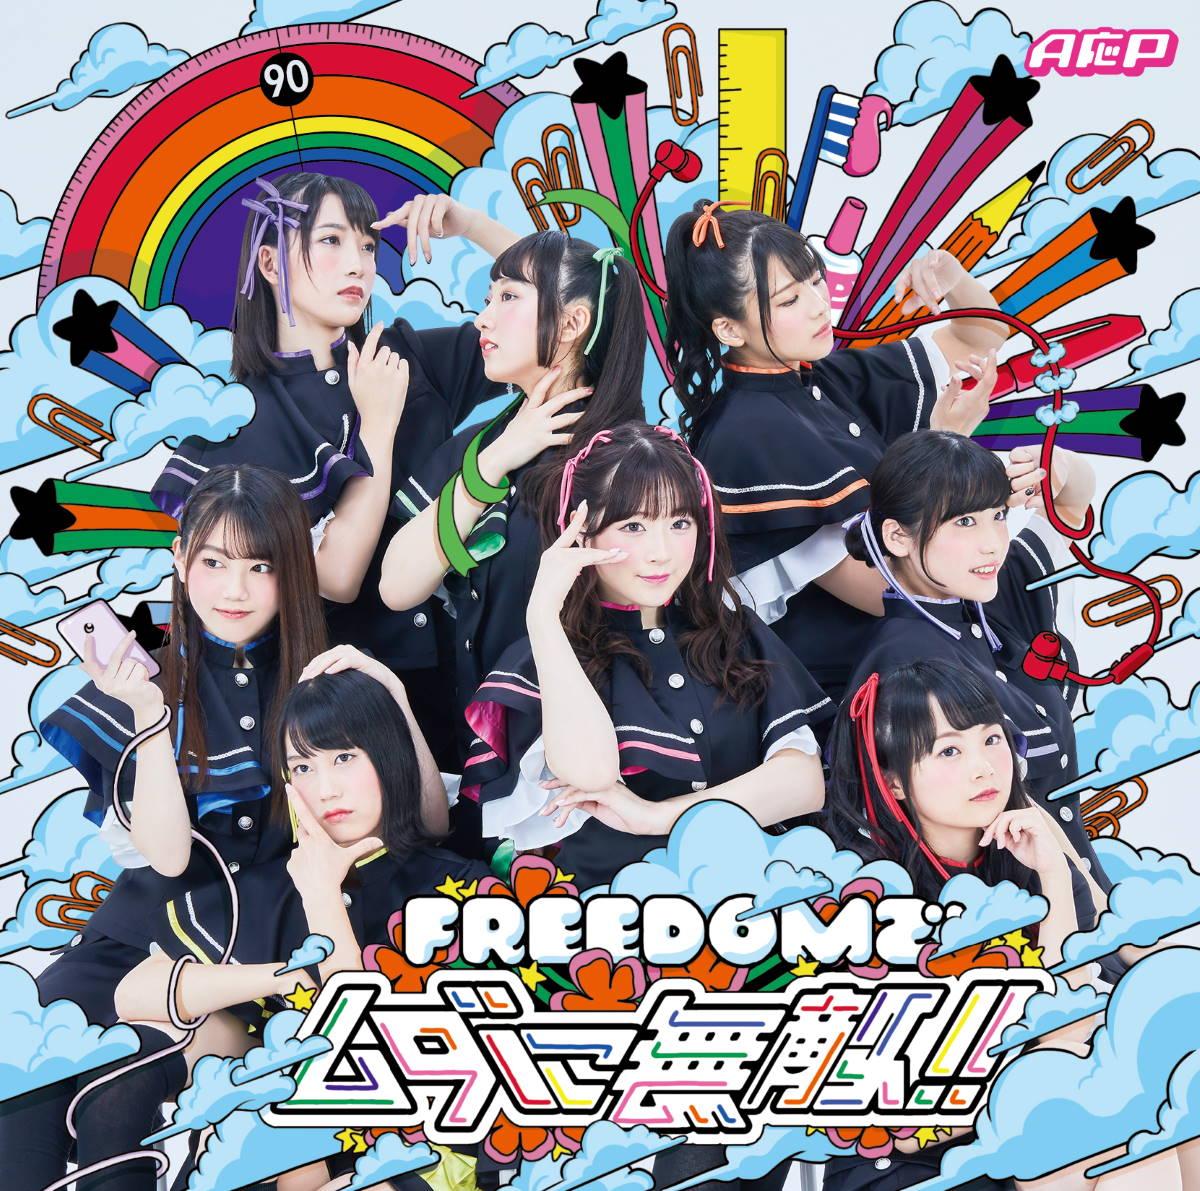 『A応P - せっけんWOW! 歌詞』収録の『FREEDOMでムダに無敵!!』ジャケット